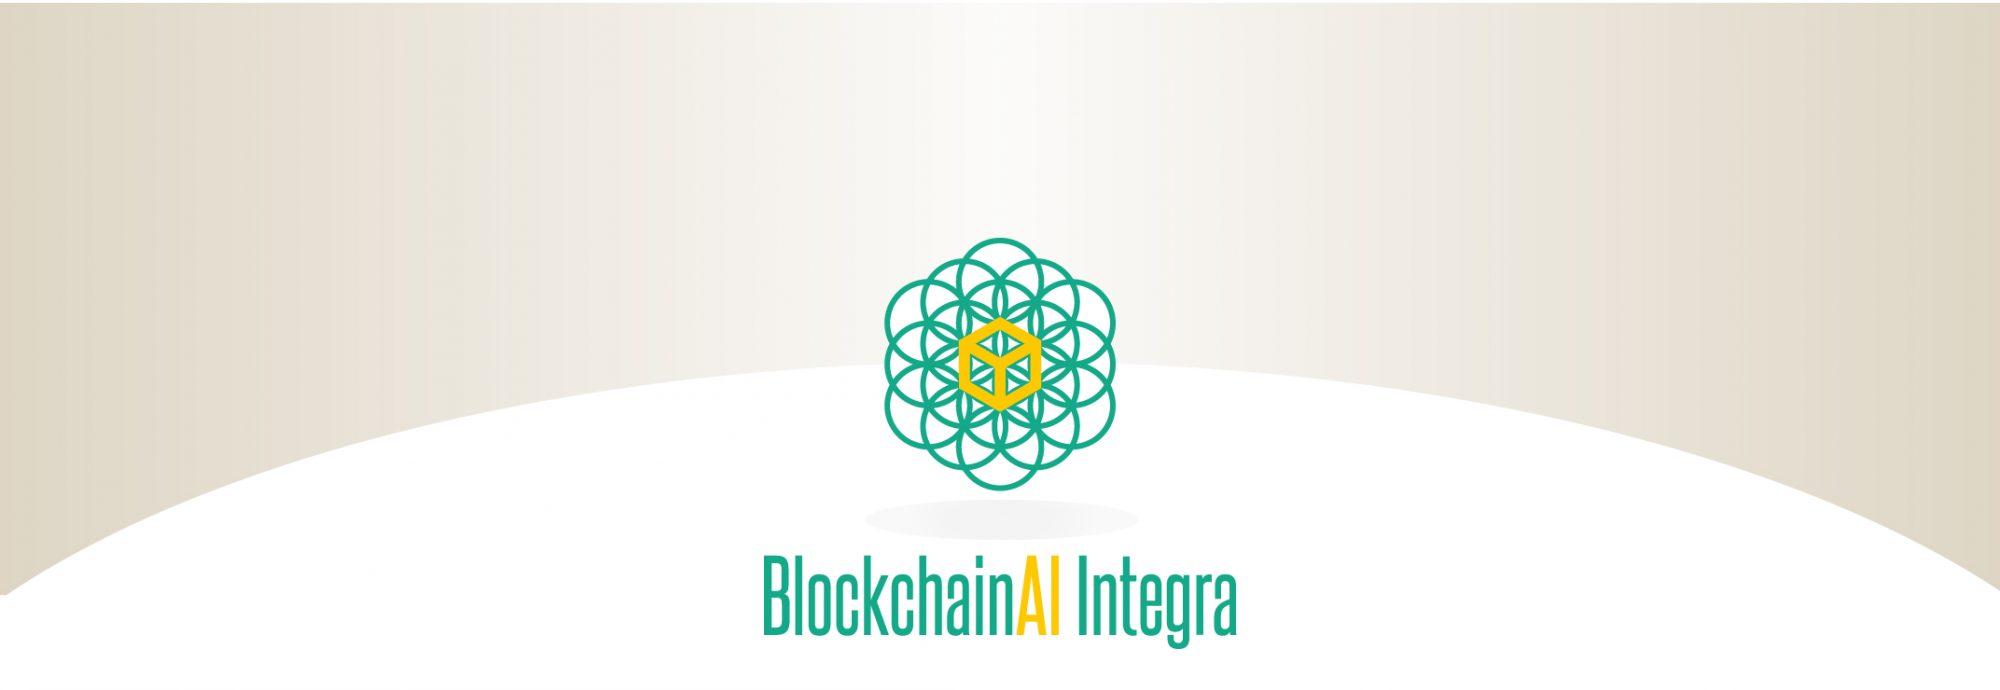 BlockchainAI Integra